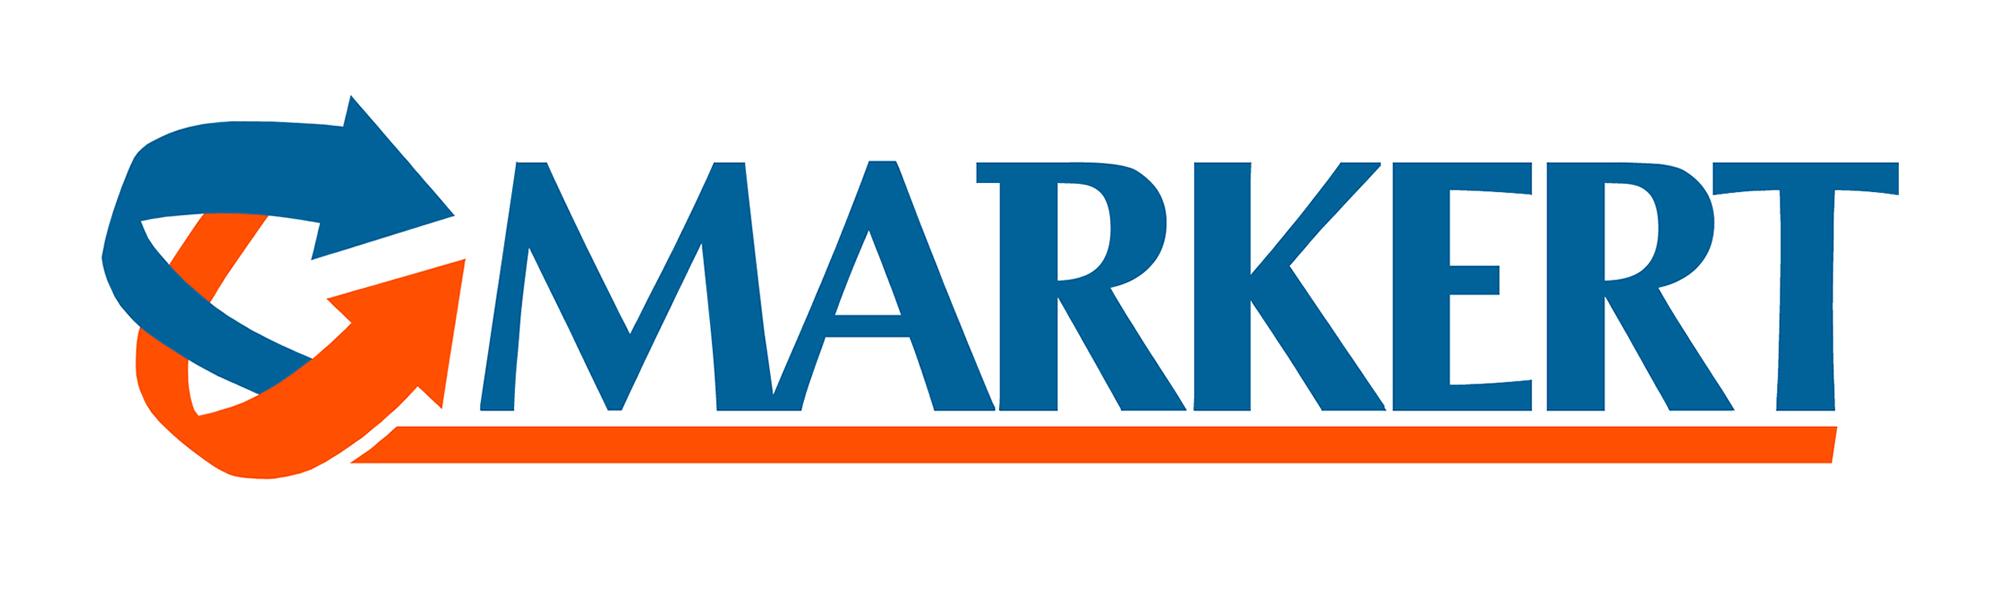 Hier sehen Sie das Logo von Markert UG (haftungsbeschränkt)